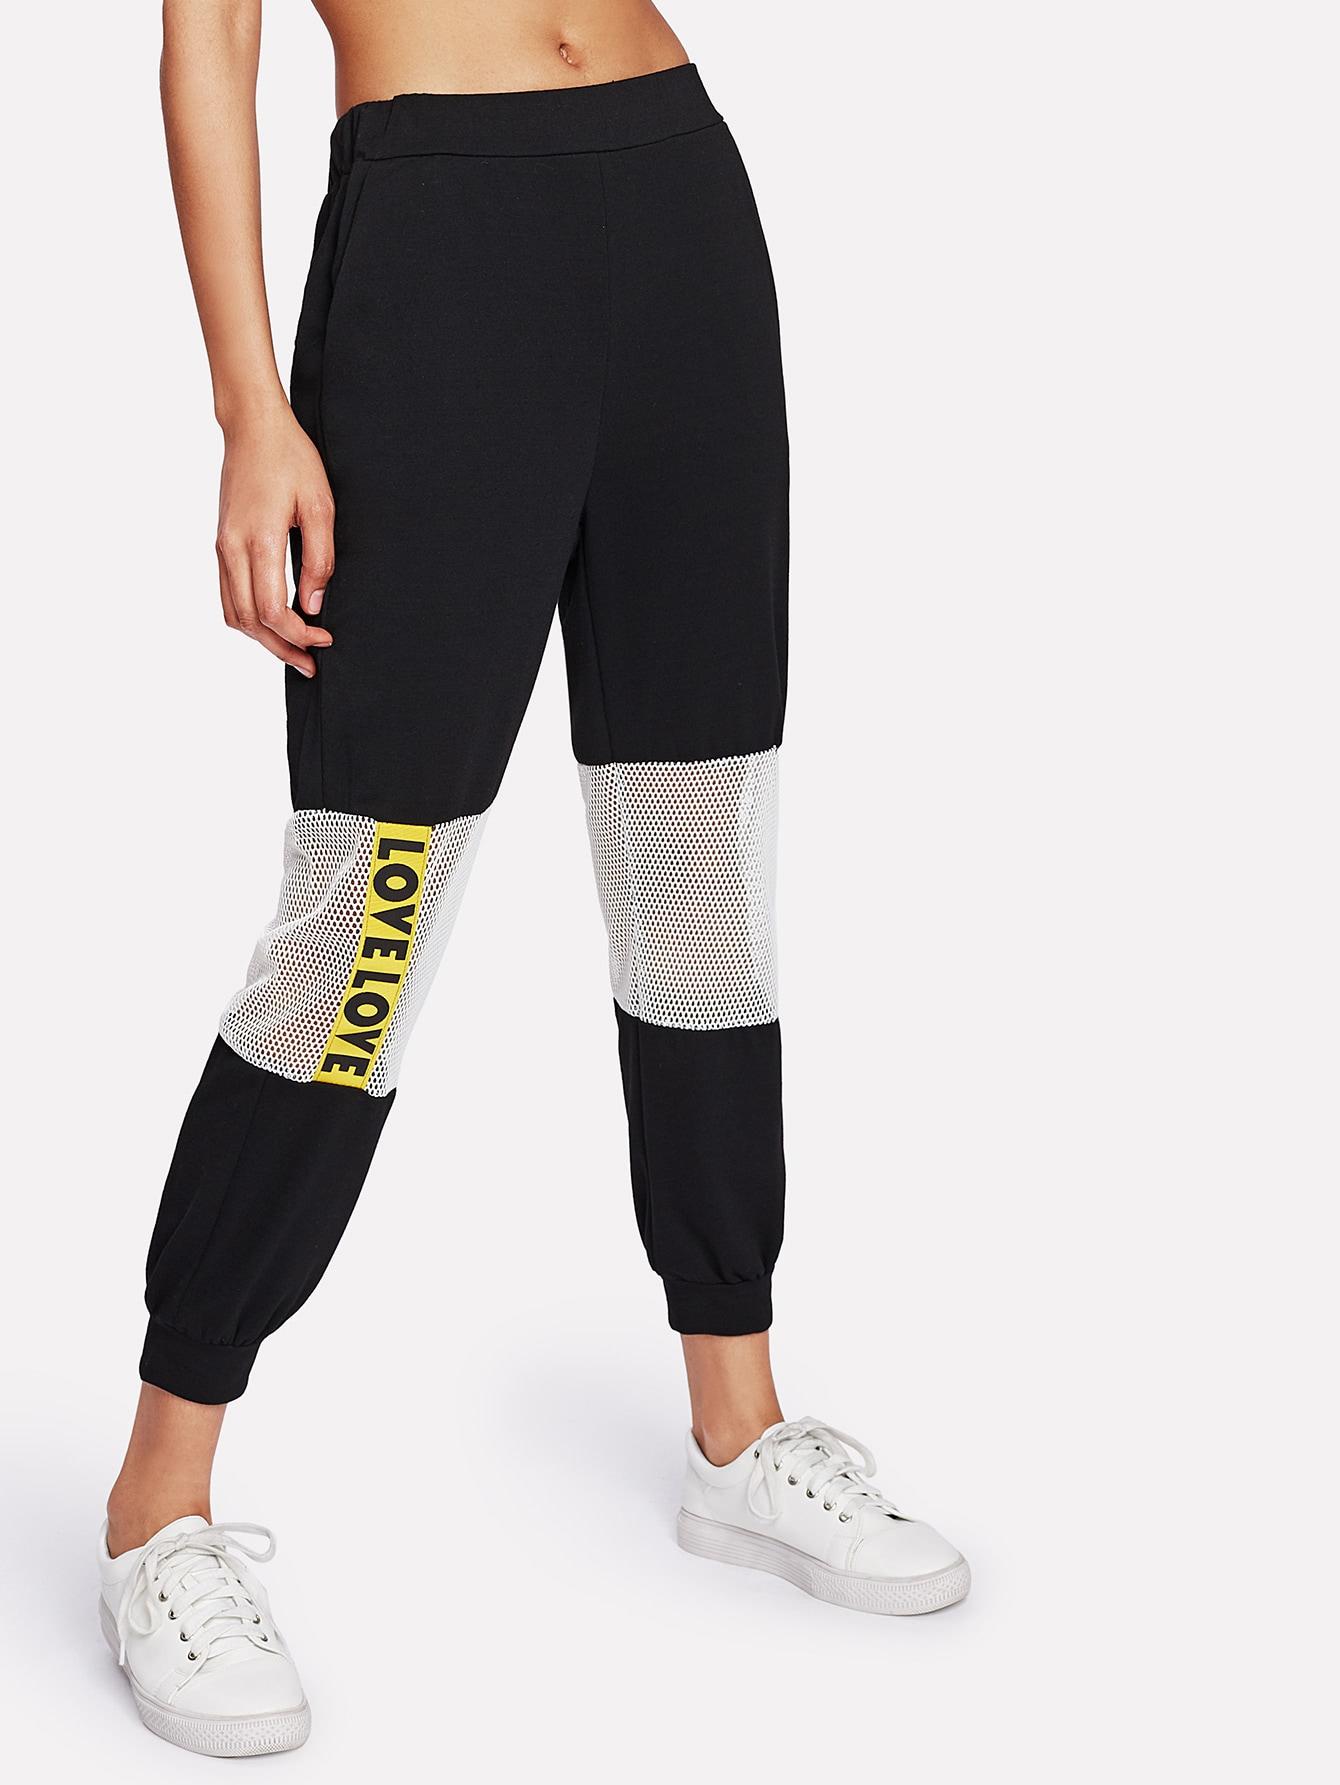 Купить Модные брюки с сетчатой вставкой, Ana, SheIn